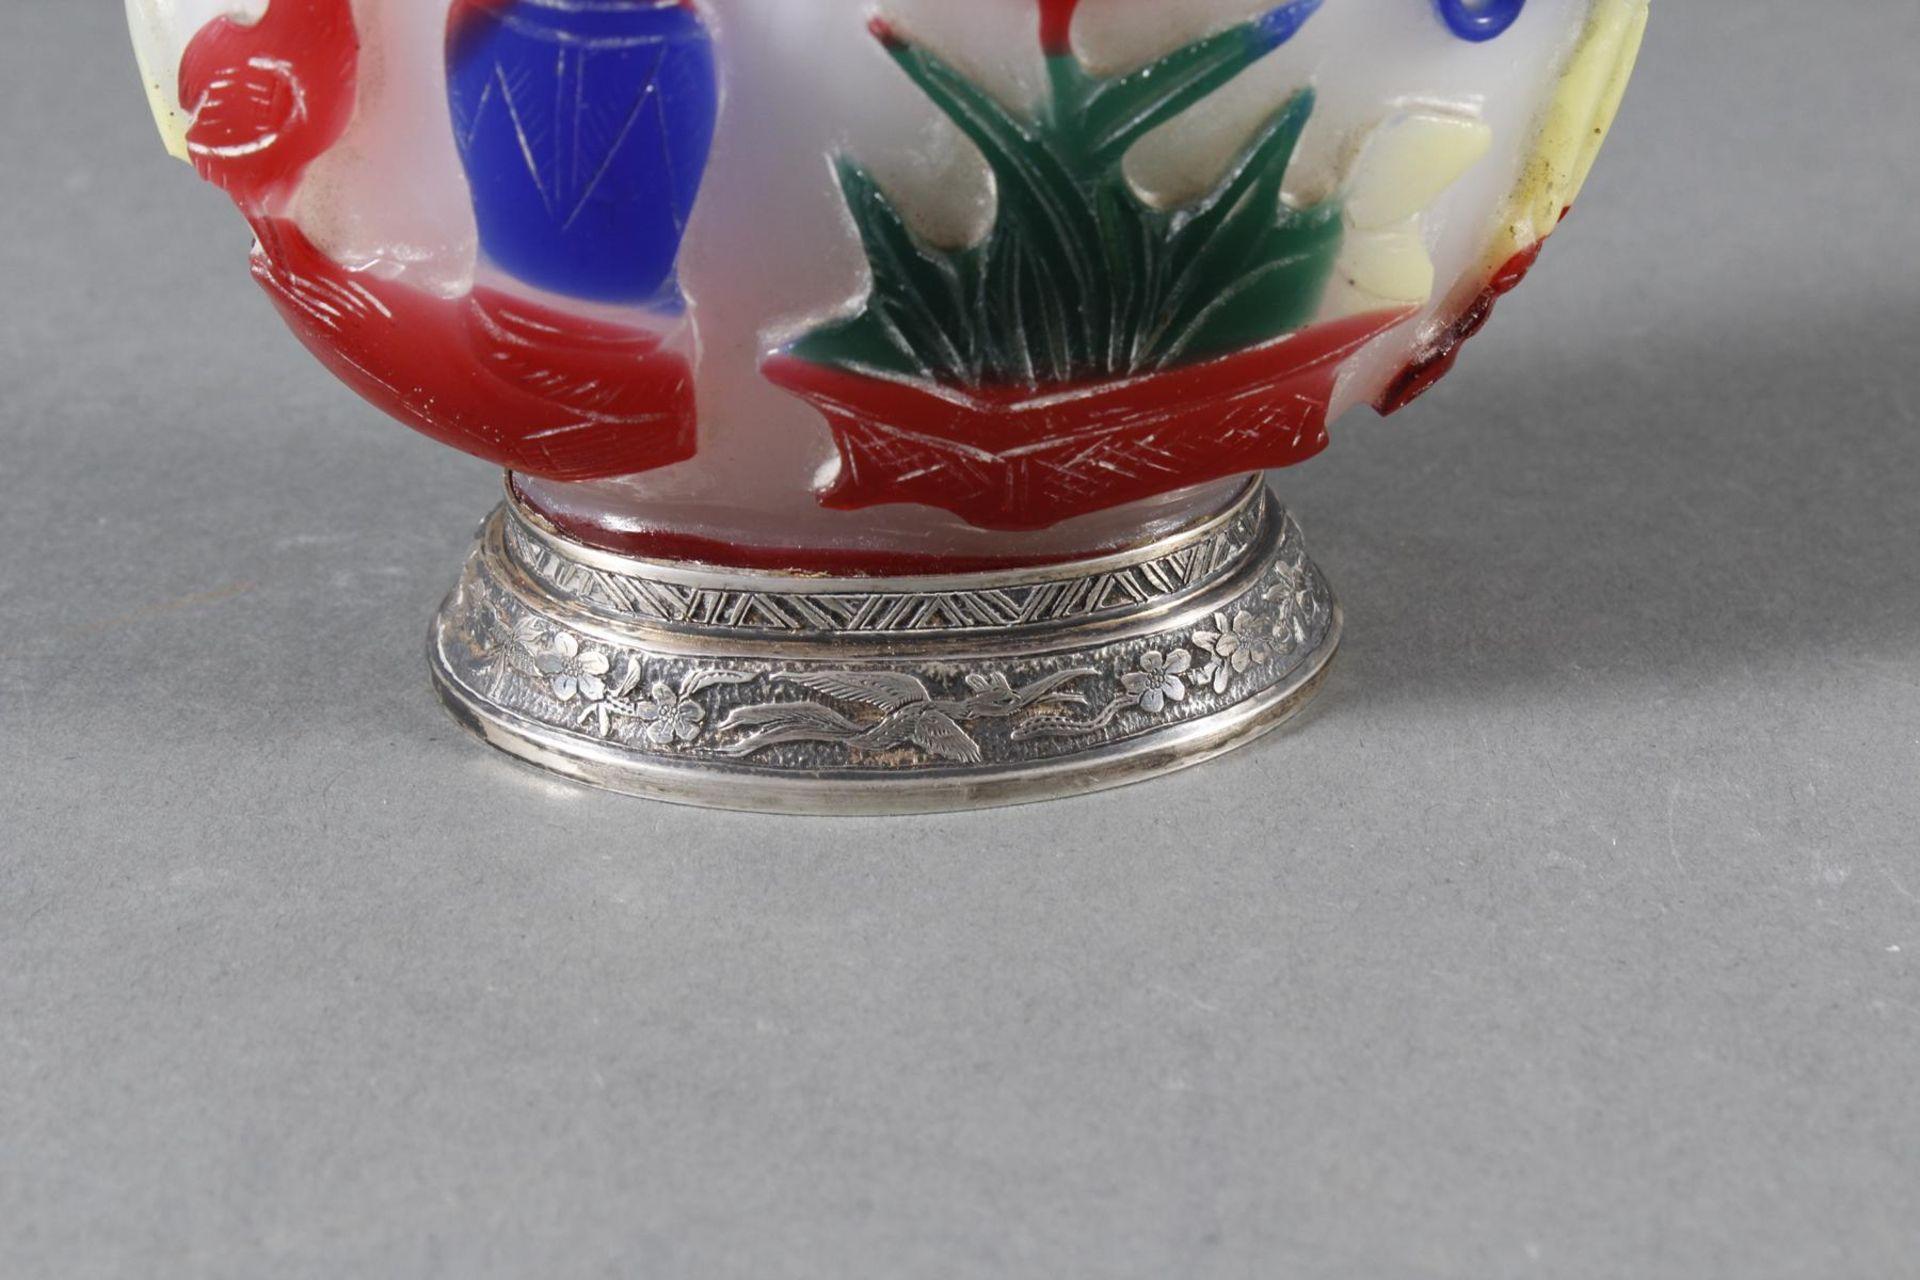 Snuff bottle, Überfangglas mit Silbermontur, China Anfang 20. Jahrhundert - Bild 11 aus 12